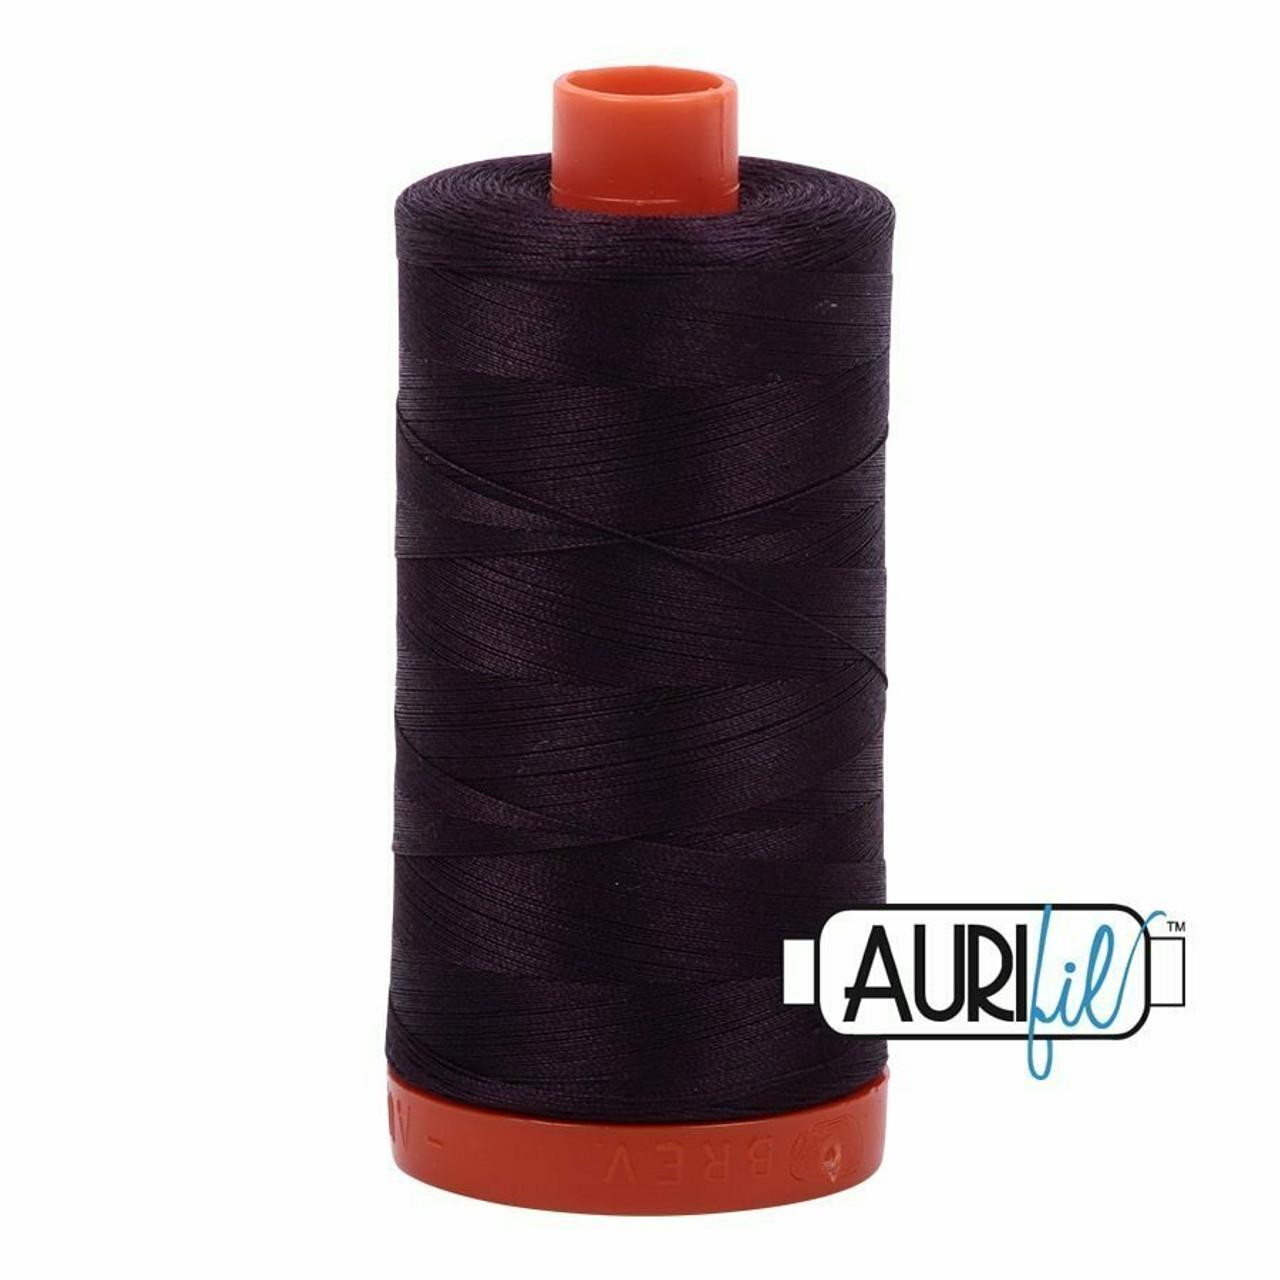 Aurifil 50wt Aubergine (2570) thread